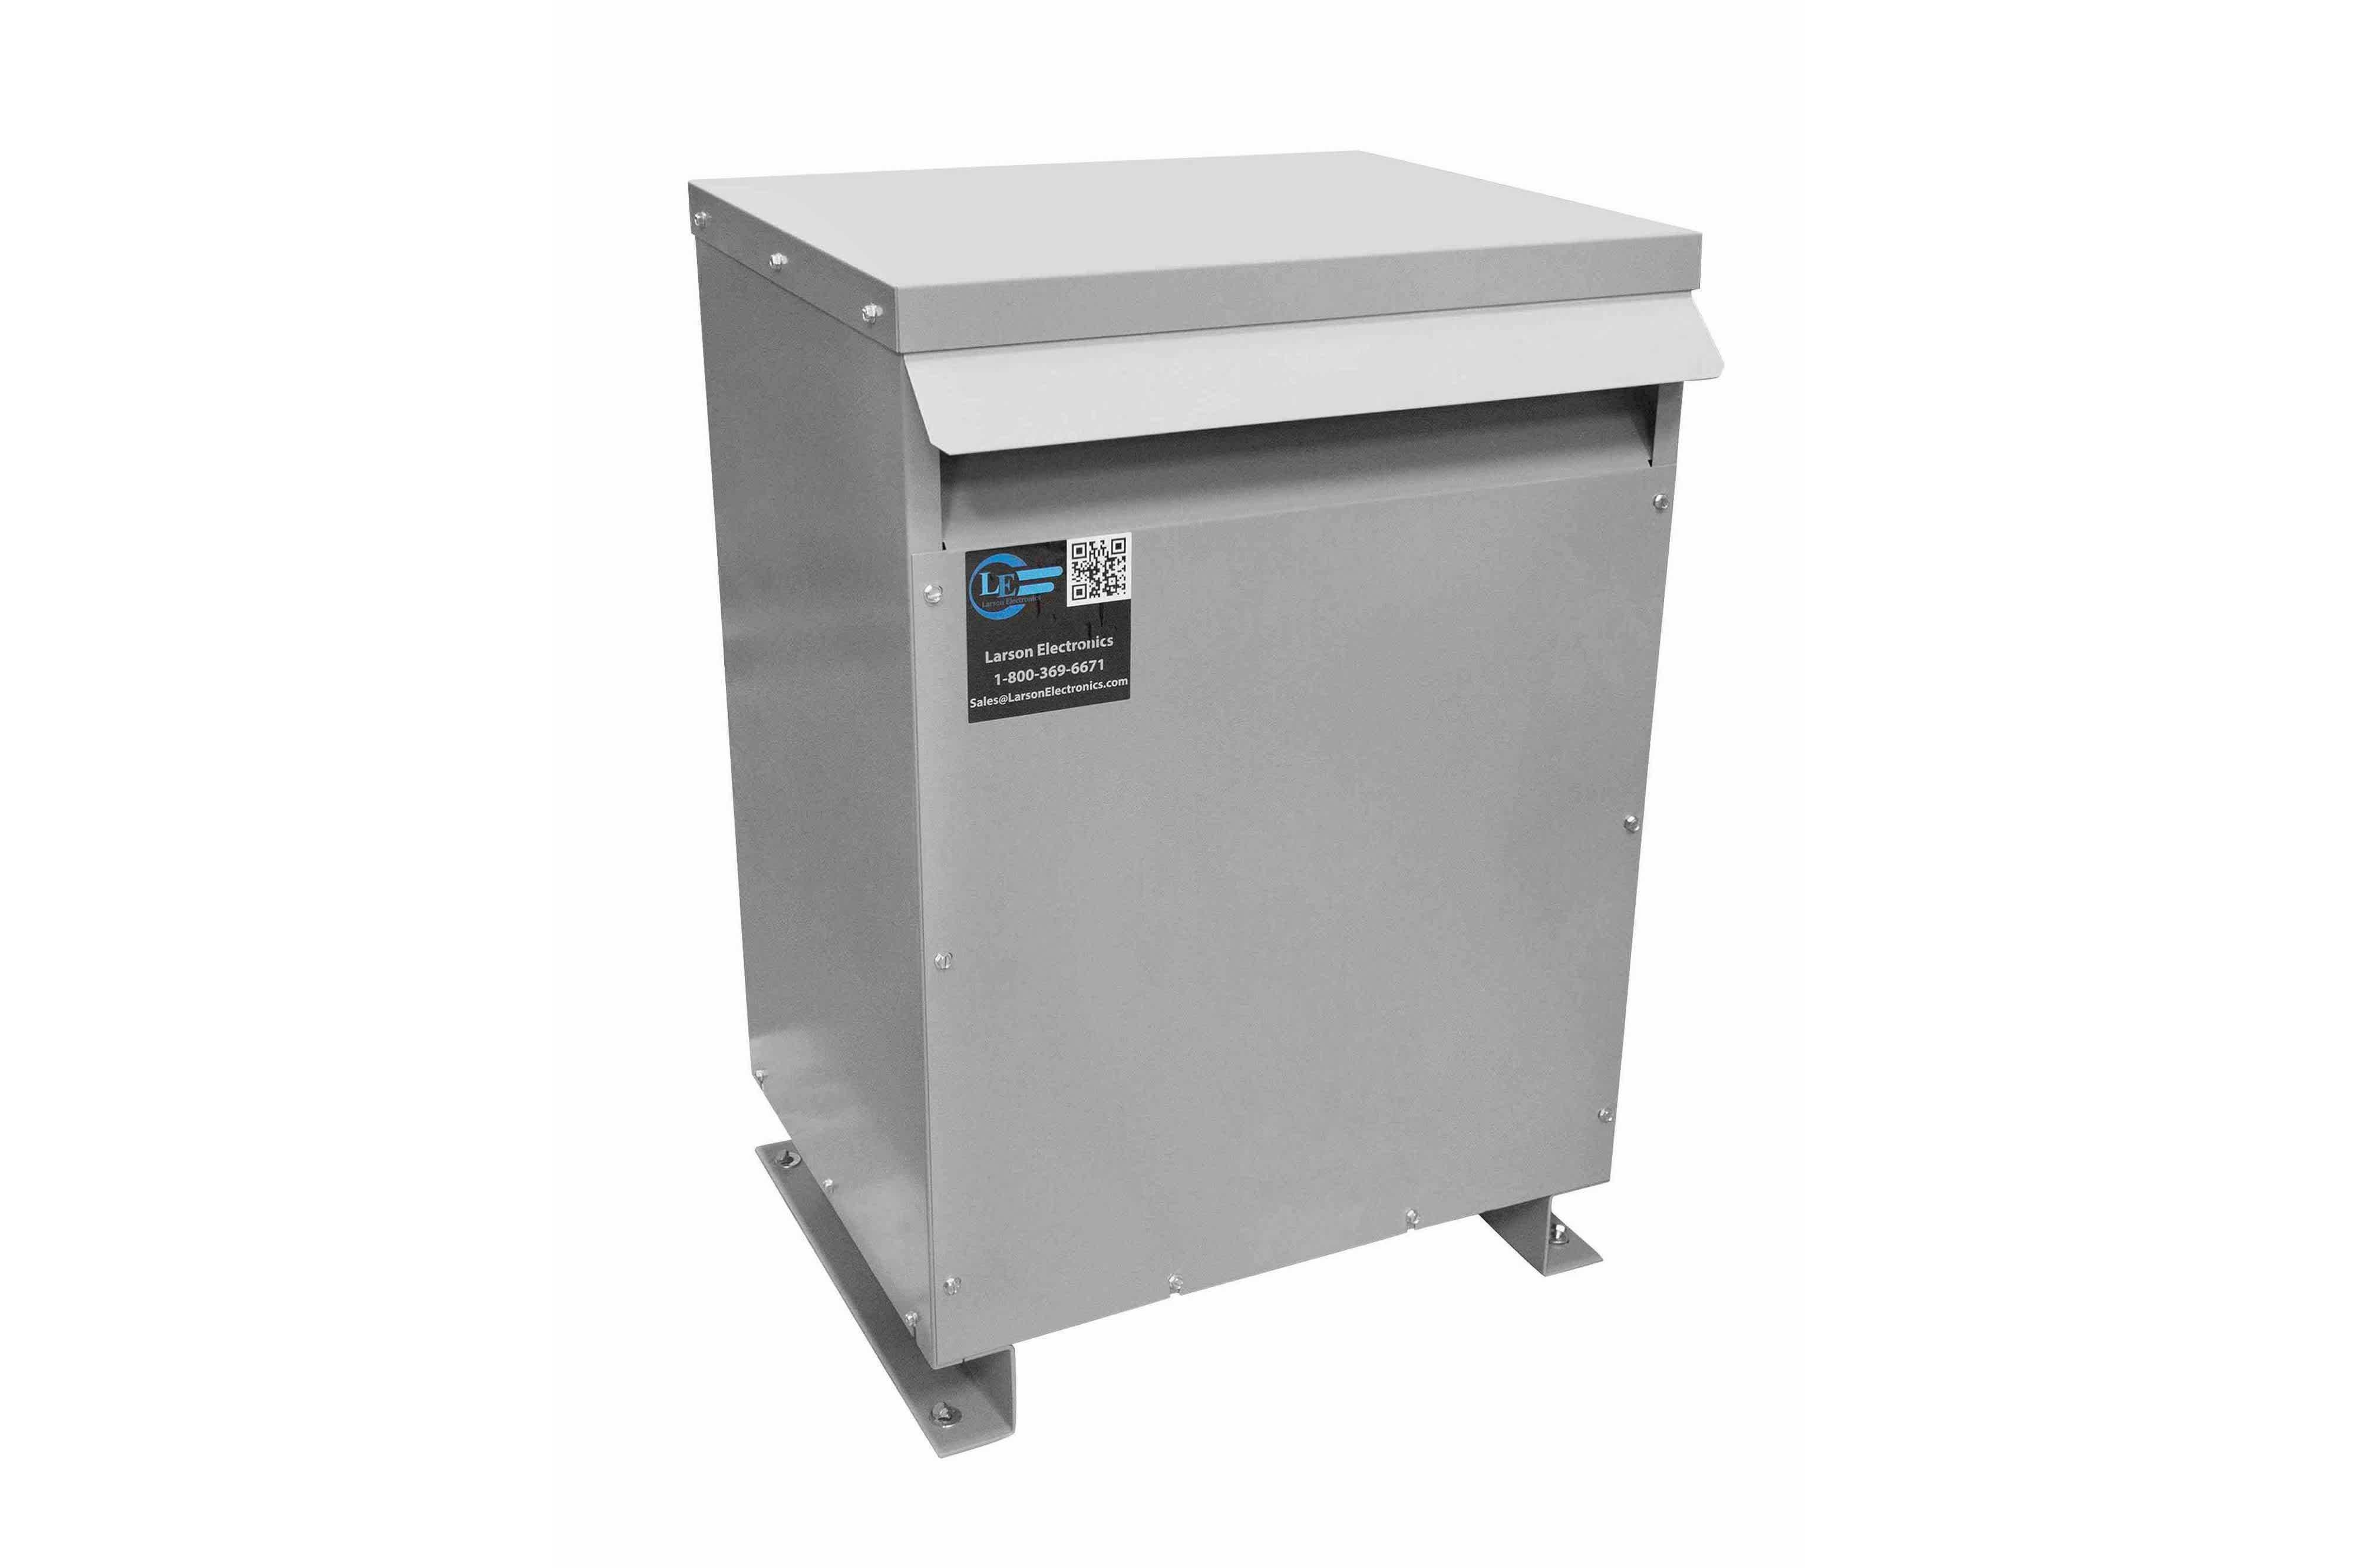 90 kVA 3PH Isolation Transformer, 460V Delta Primary, 415V Delta Secondary, N3R, Ventilated, 60 Hz